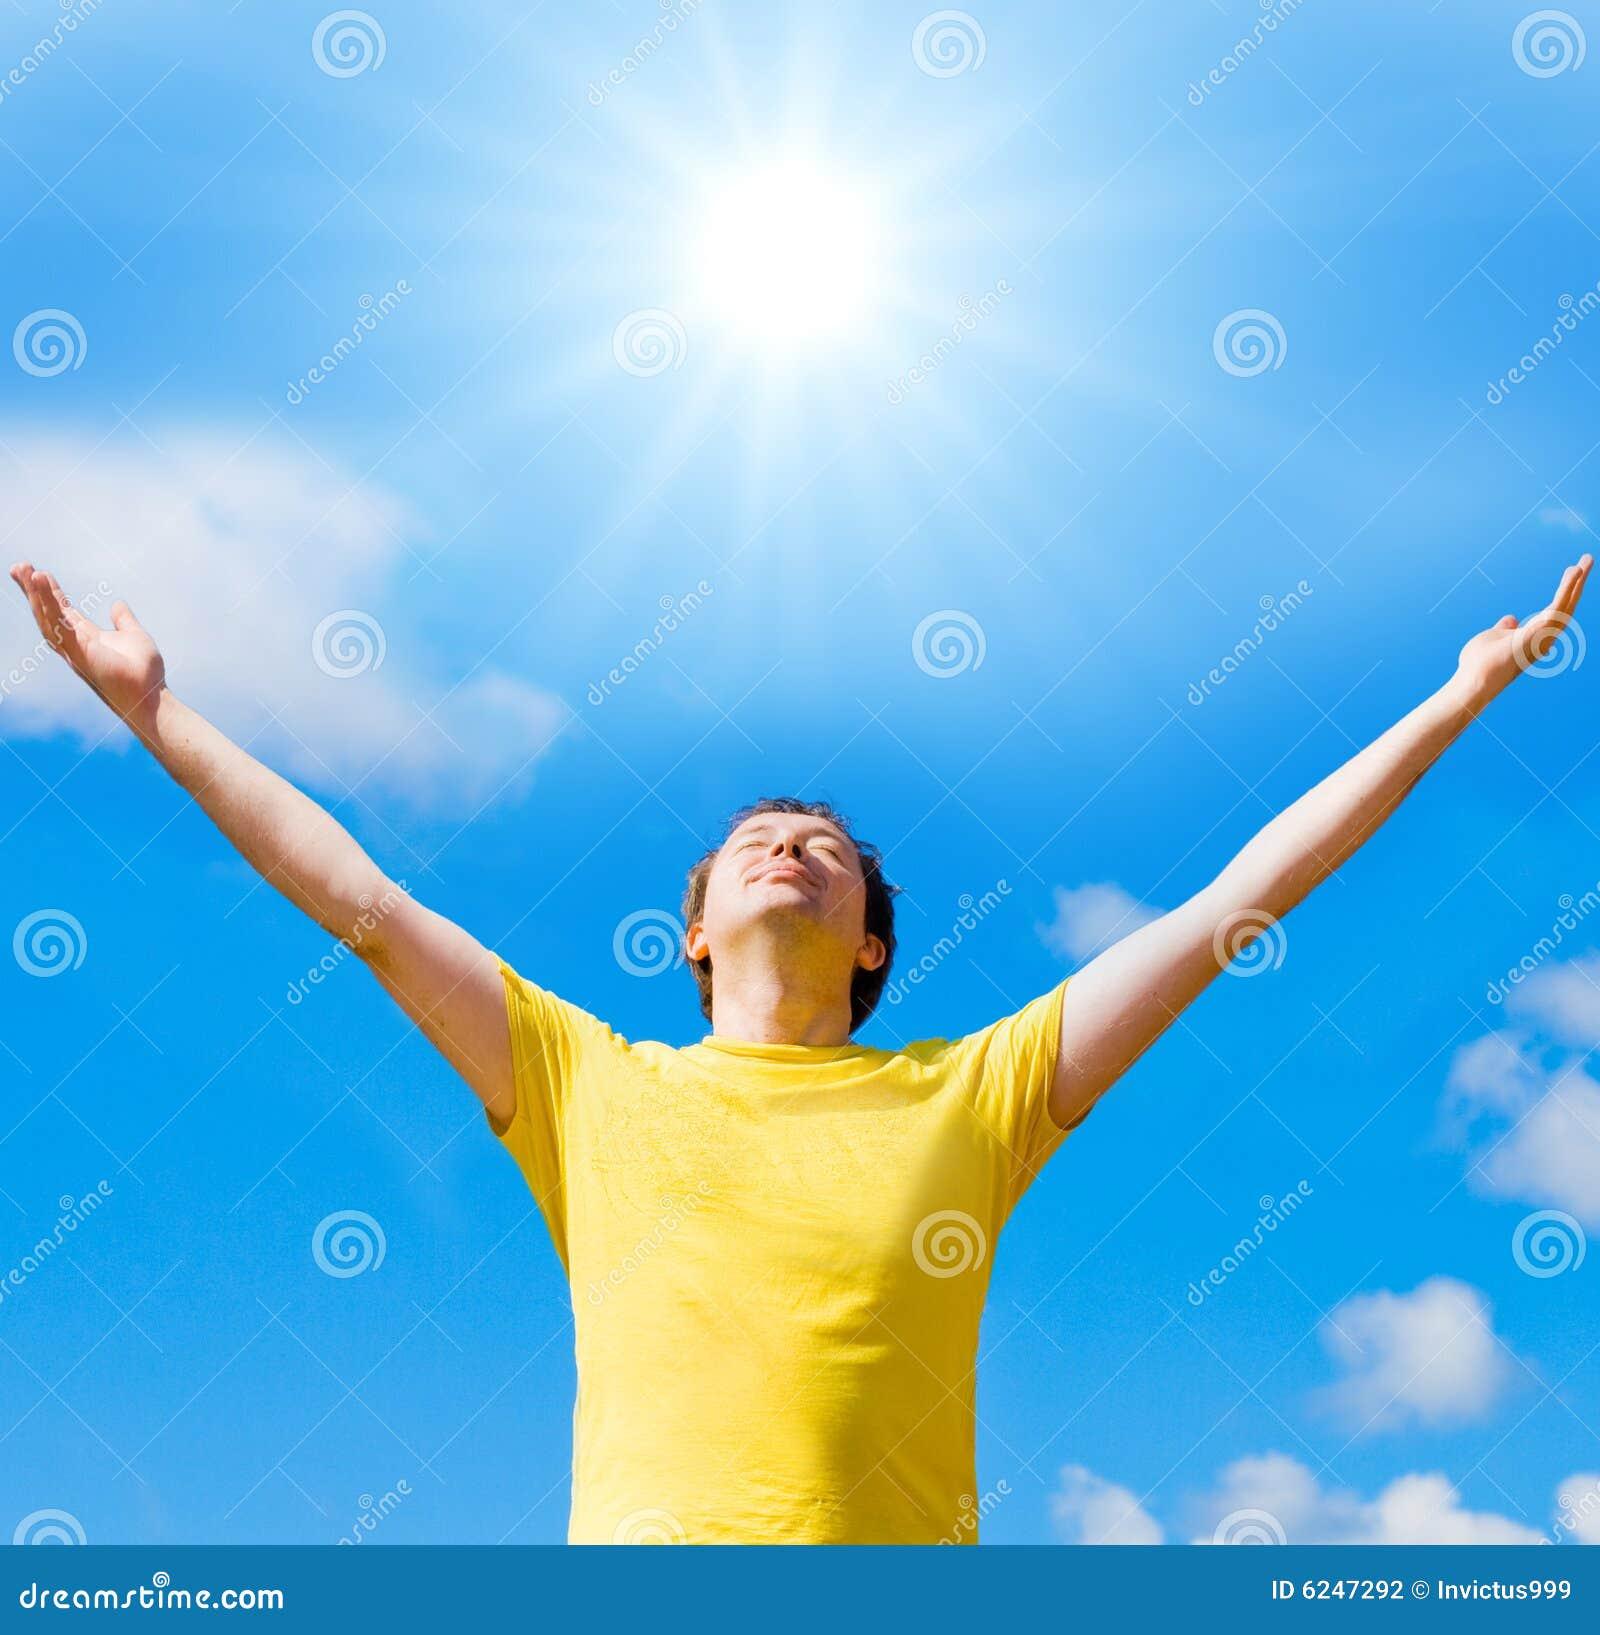 I worship the sun